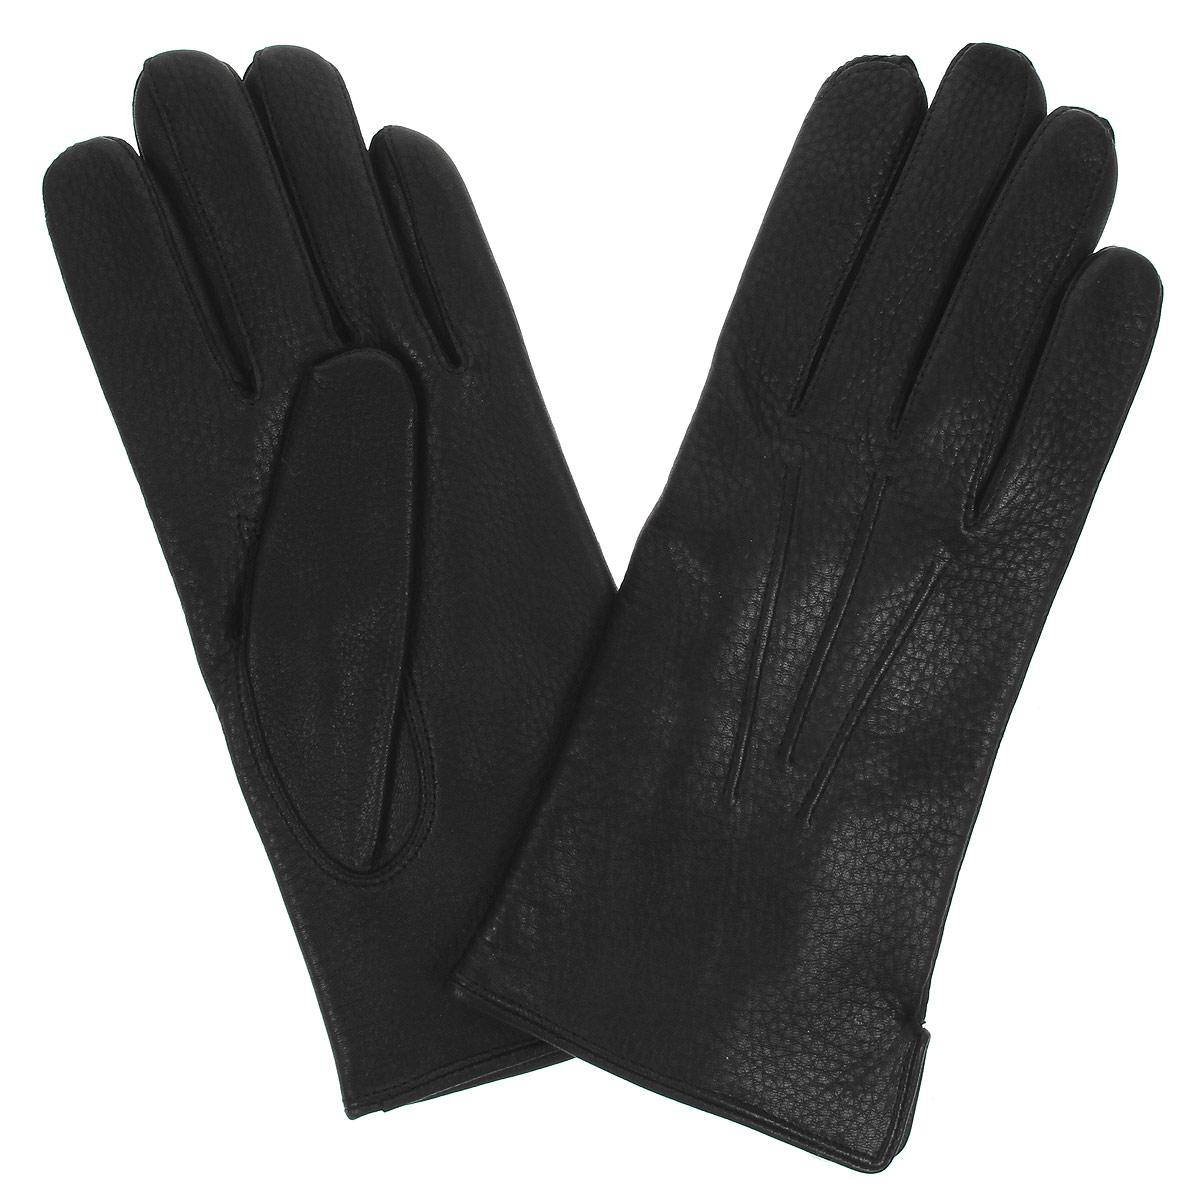 DM42-234Классические мужские перчатки Bartoc не только защитят ваши руки, но и станут великолепным украшением. Они выполнены из мягкой и особо износостойкой натуральной кожи оленя, а их подкладка - из натуральной шерсти. На внешнем боку перчатки имеется небольшой разрез. Модель на лицевой стороне оформлена декоративной отстрочкой три луча. Перчатки прекрасно дополнят образ любого мужчины и сделают его более стильным, придав тонкую нотку брутальности. Создайте элегантный образ и подчеркните свою яркую индивидуальность новым аксессуаром!